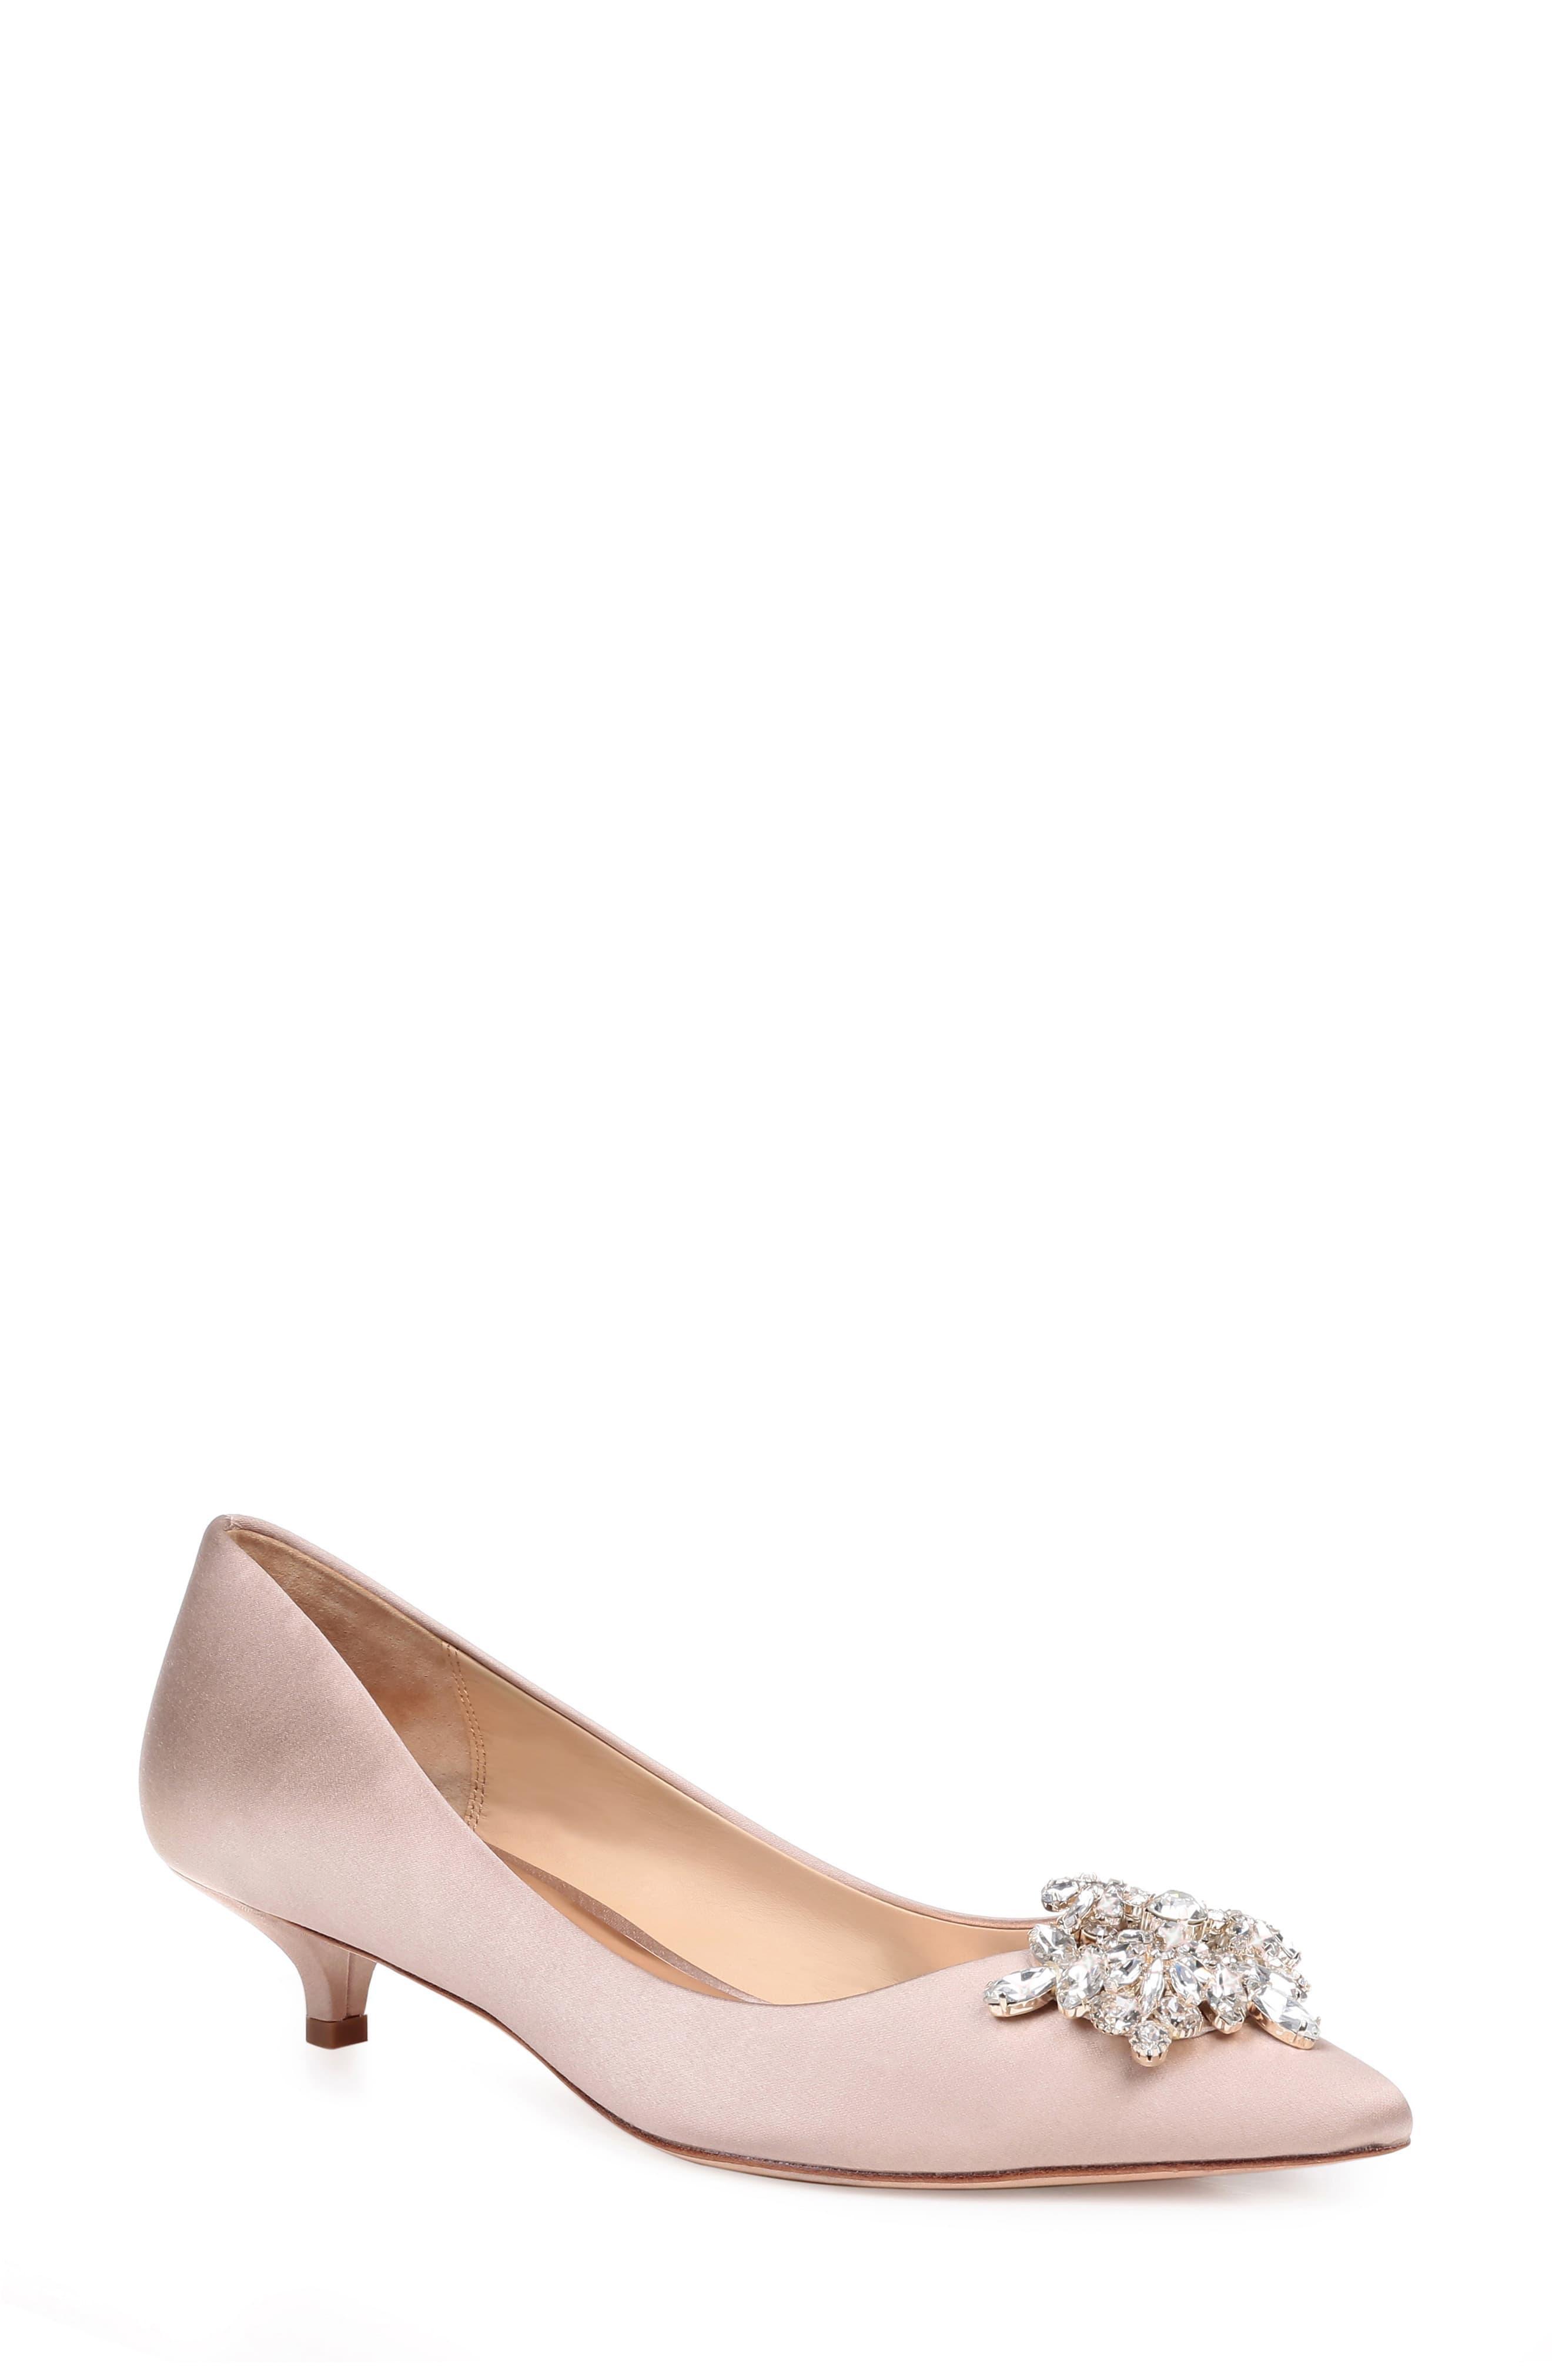 ea46df7ed54 Women's Pink Badgley Mischka Vail Embellished Kitten Heel Pump